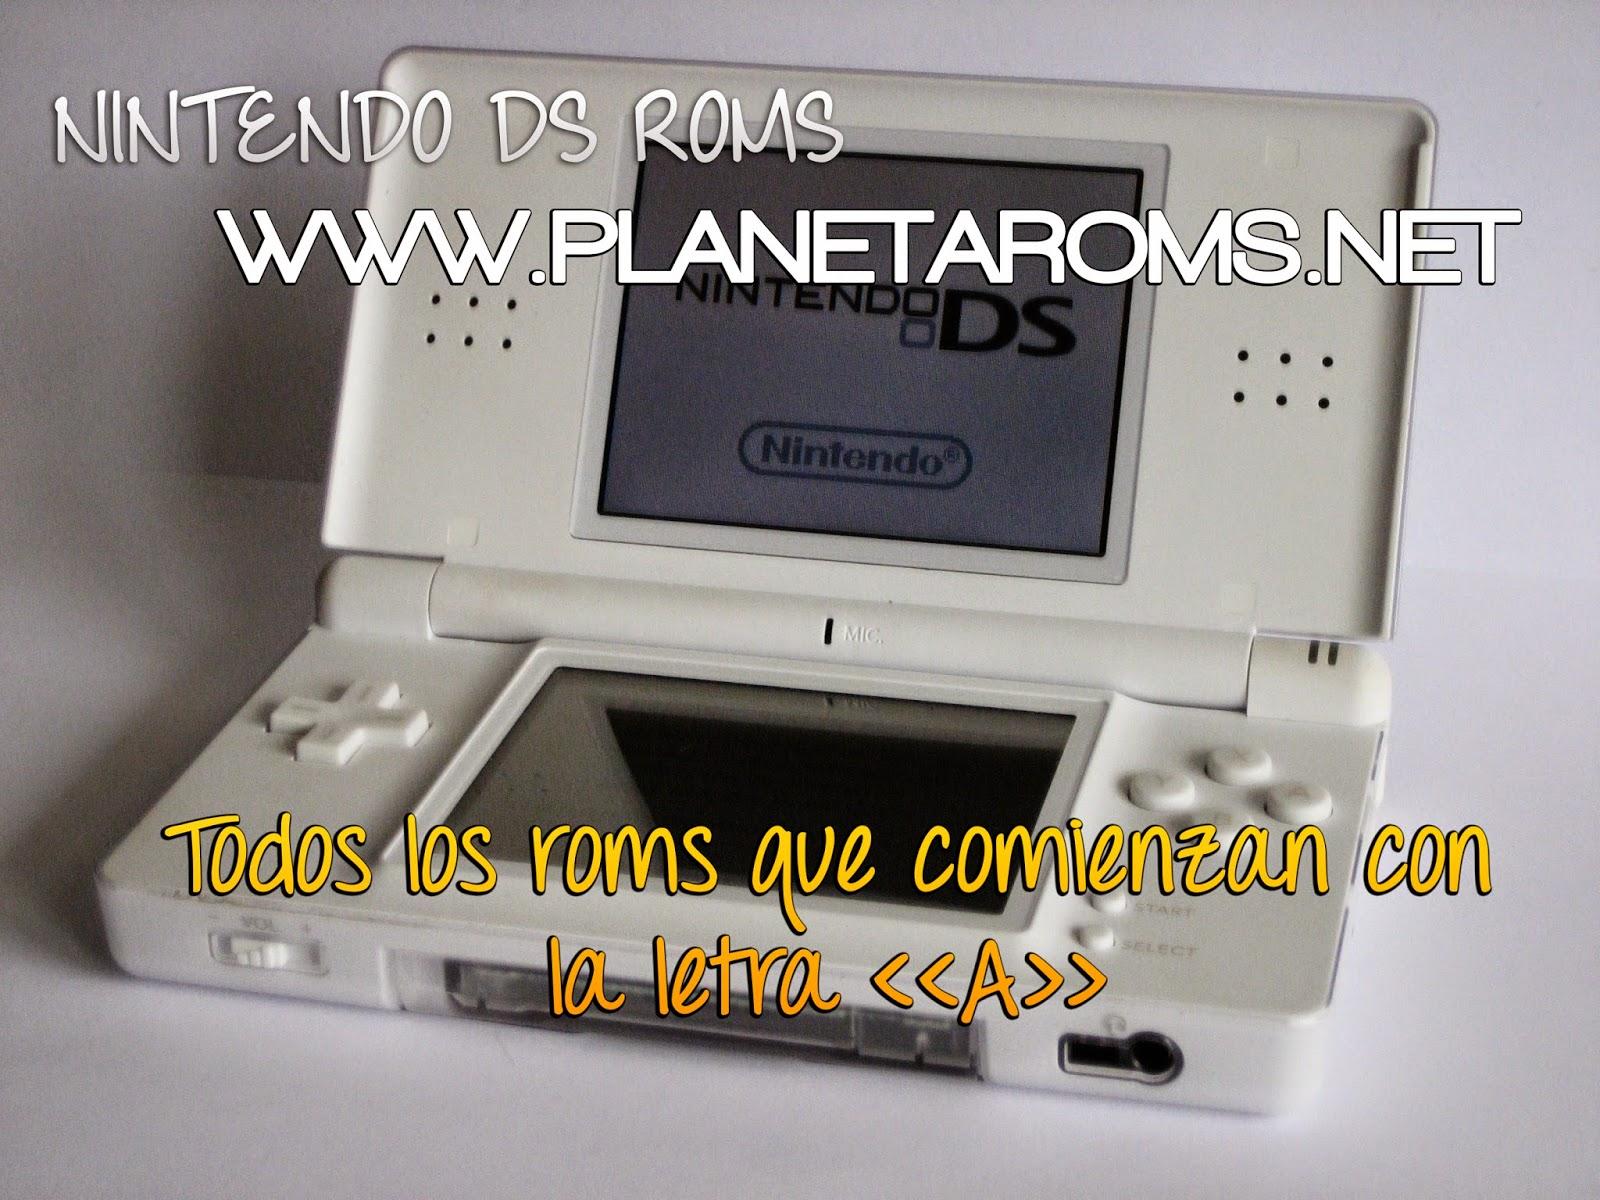 Juegos de Nintendo DS que empiezan con A